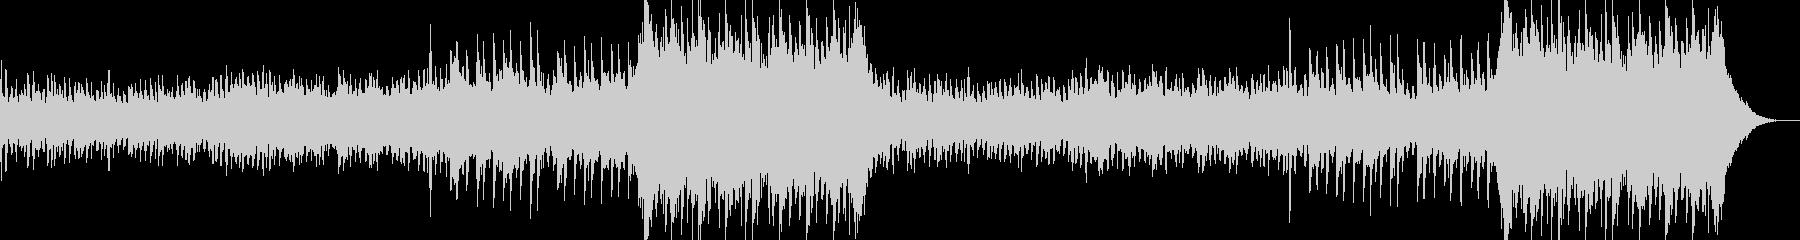 企業VPや映像36、壮大、オーケストラaの未再生の波形